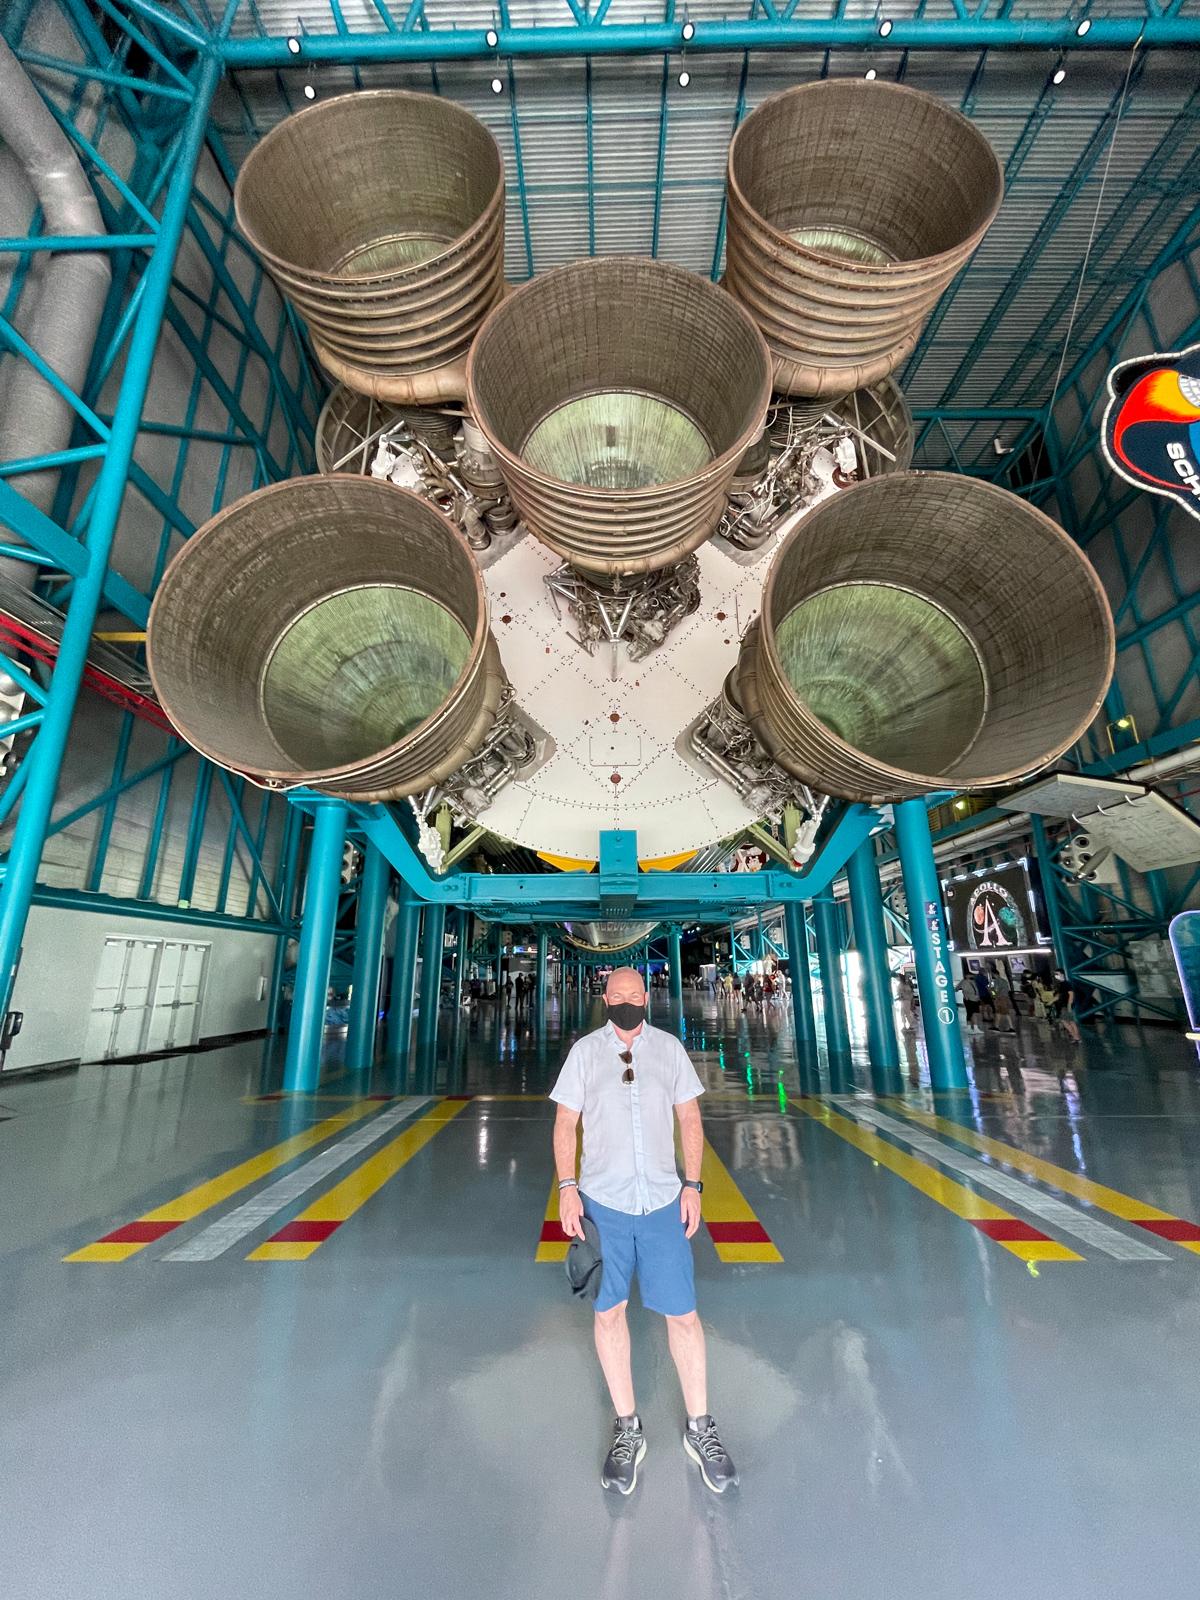 Dave under Saturn V engines